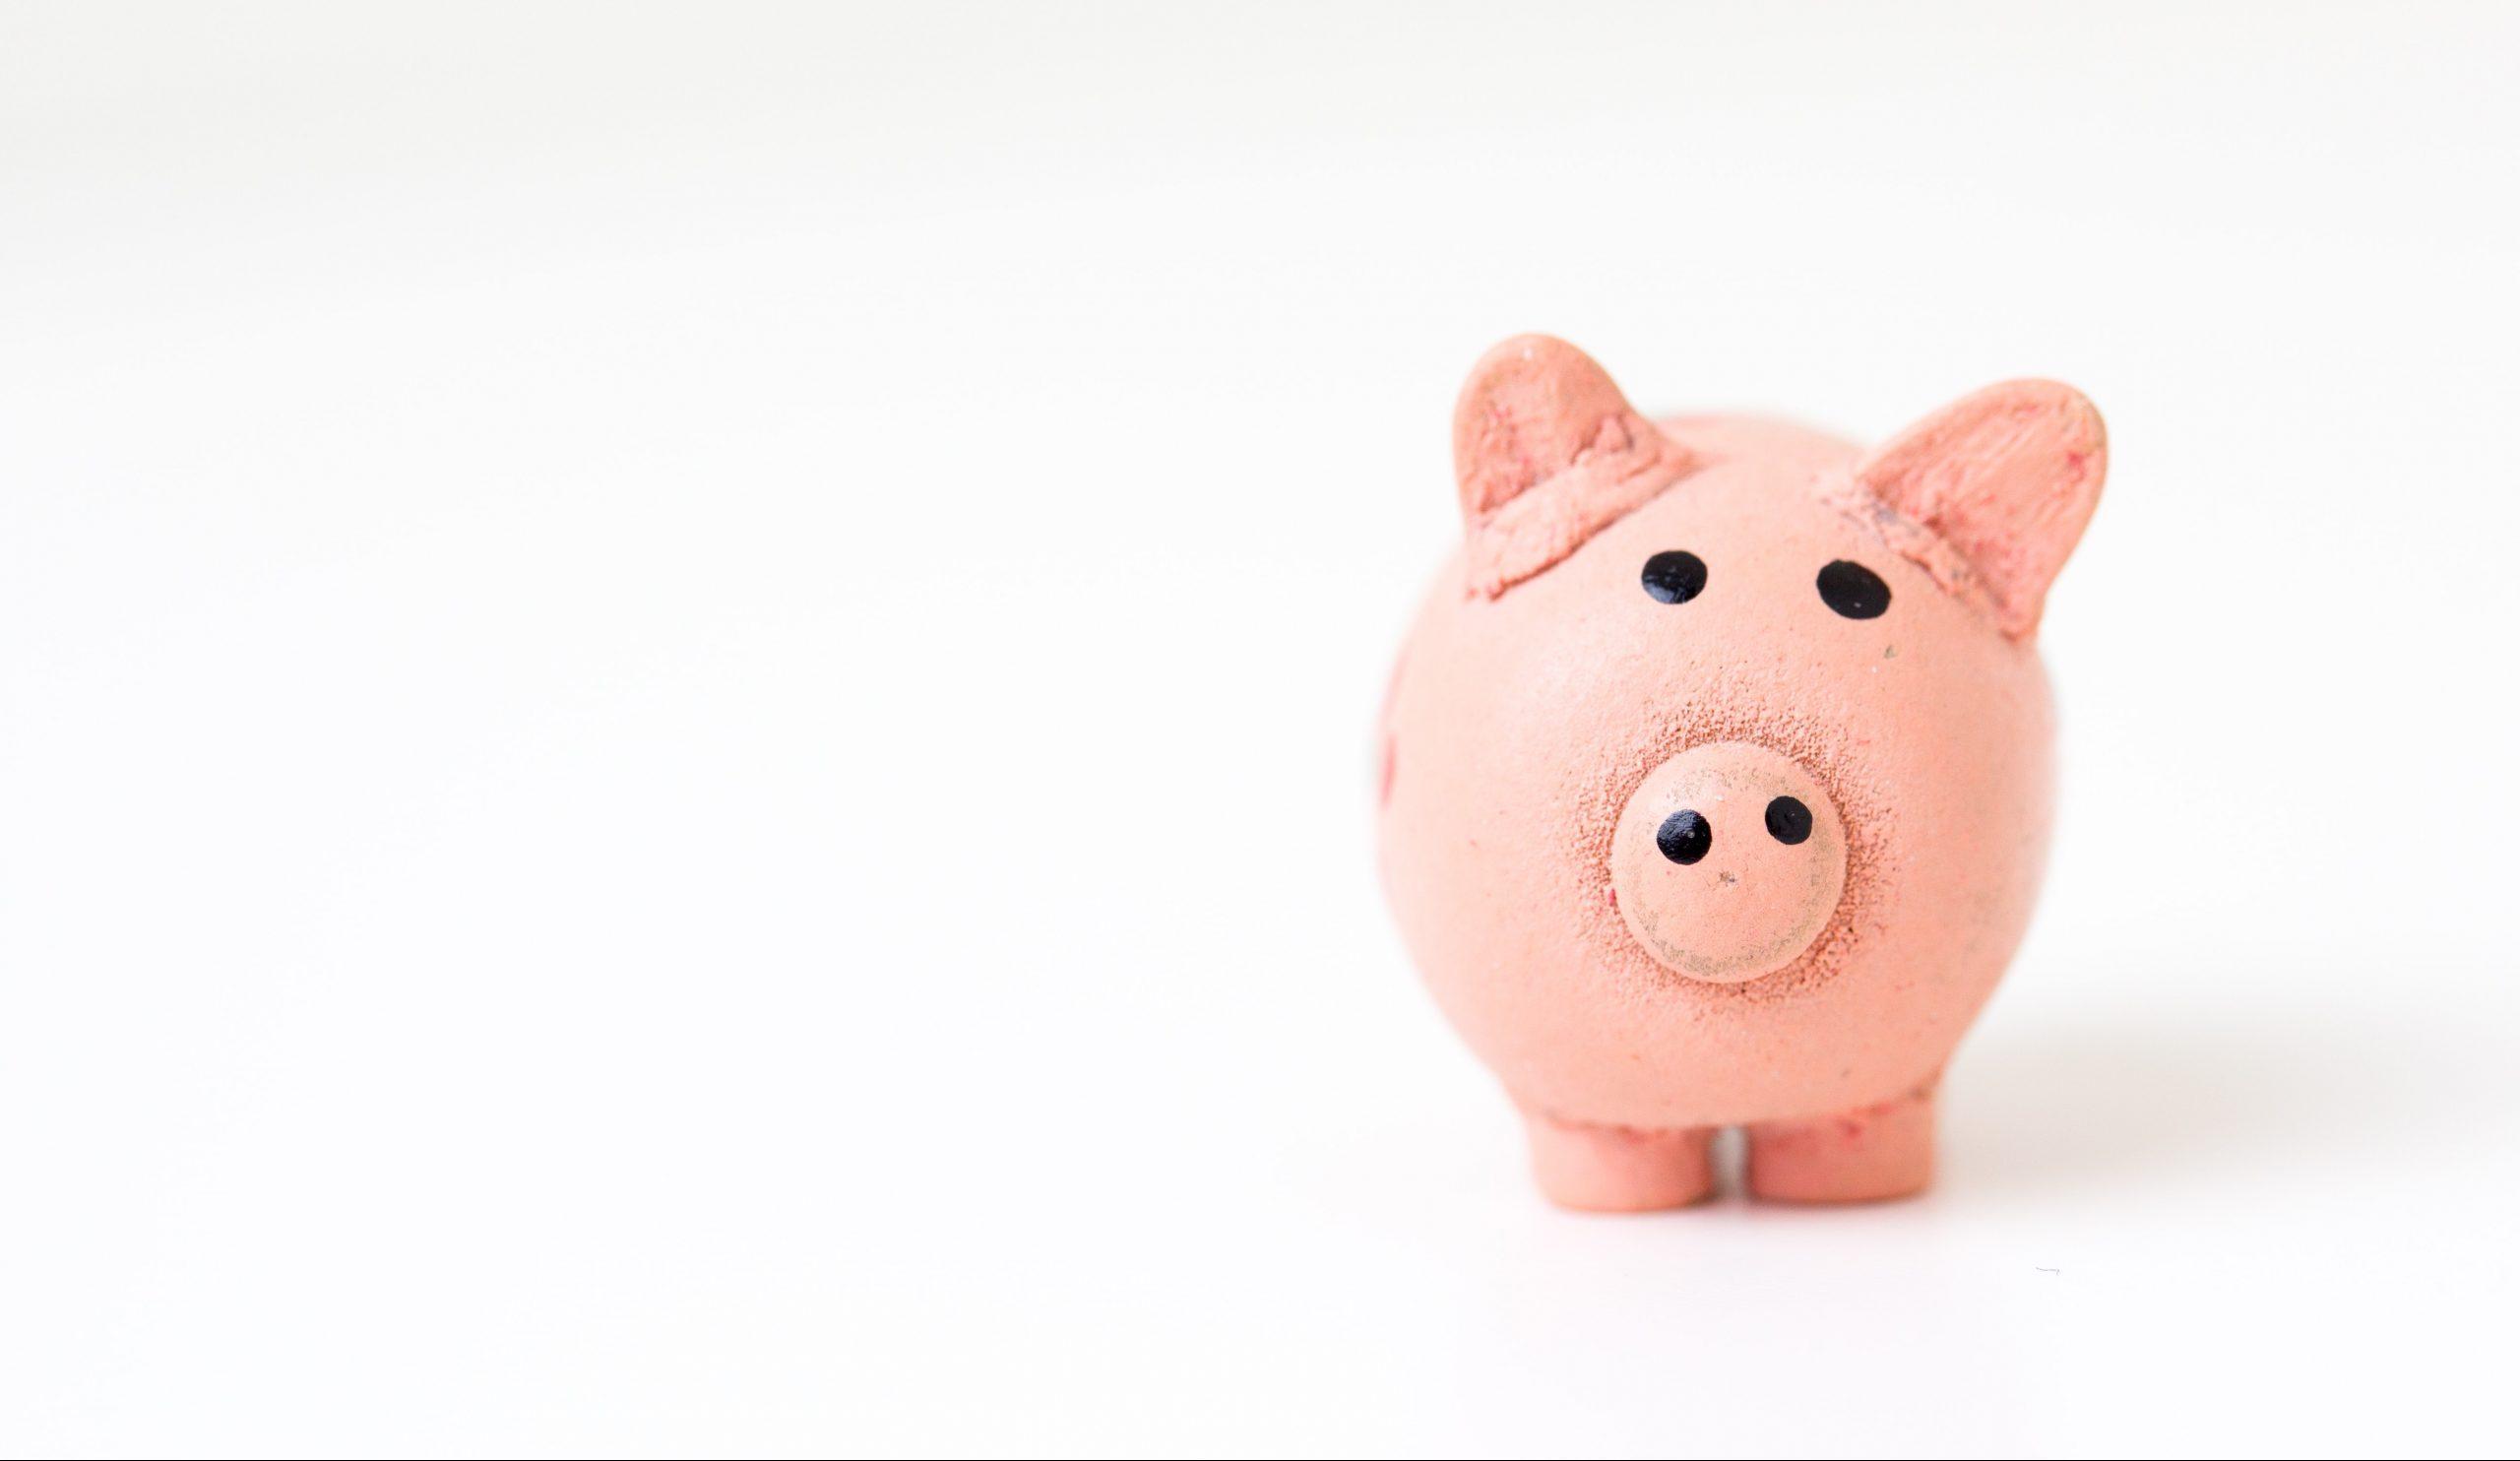 penge sparegris opsparing økonomi budget saving money (Foto: Unsplash)